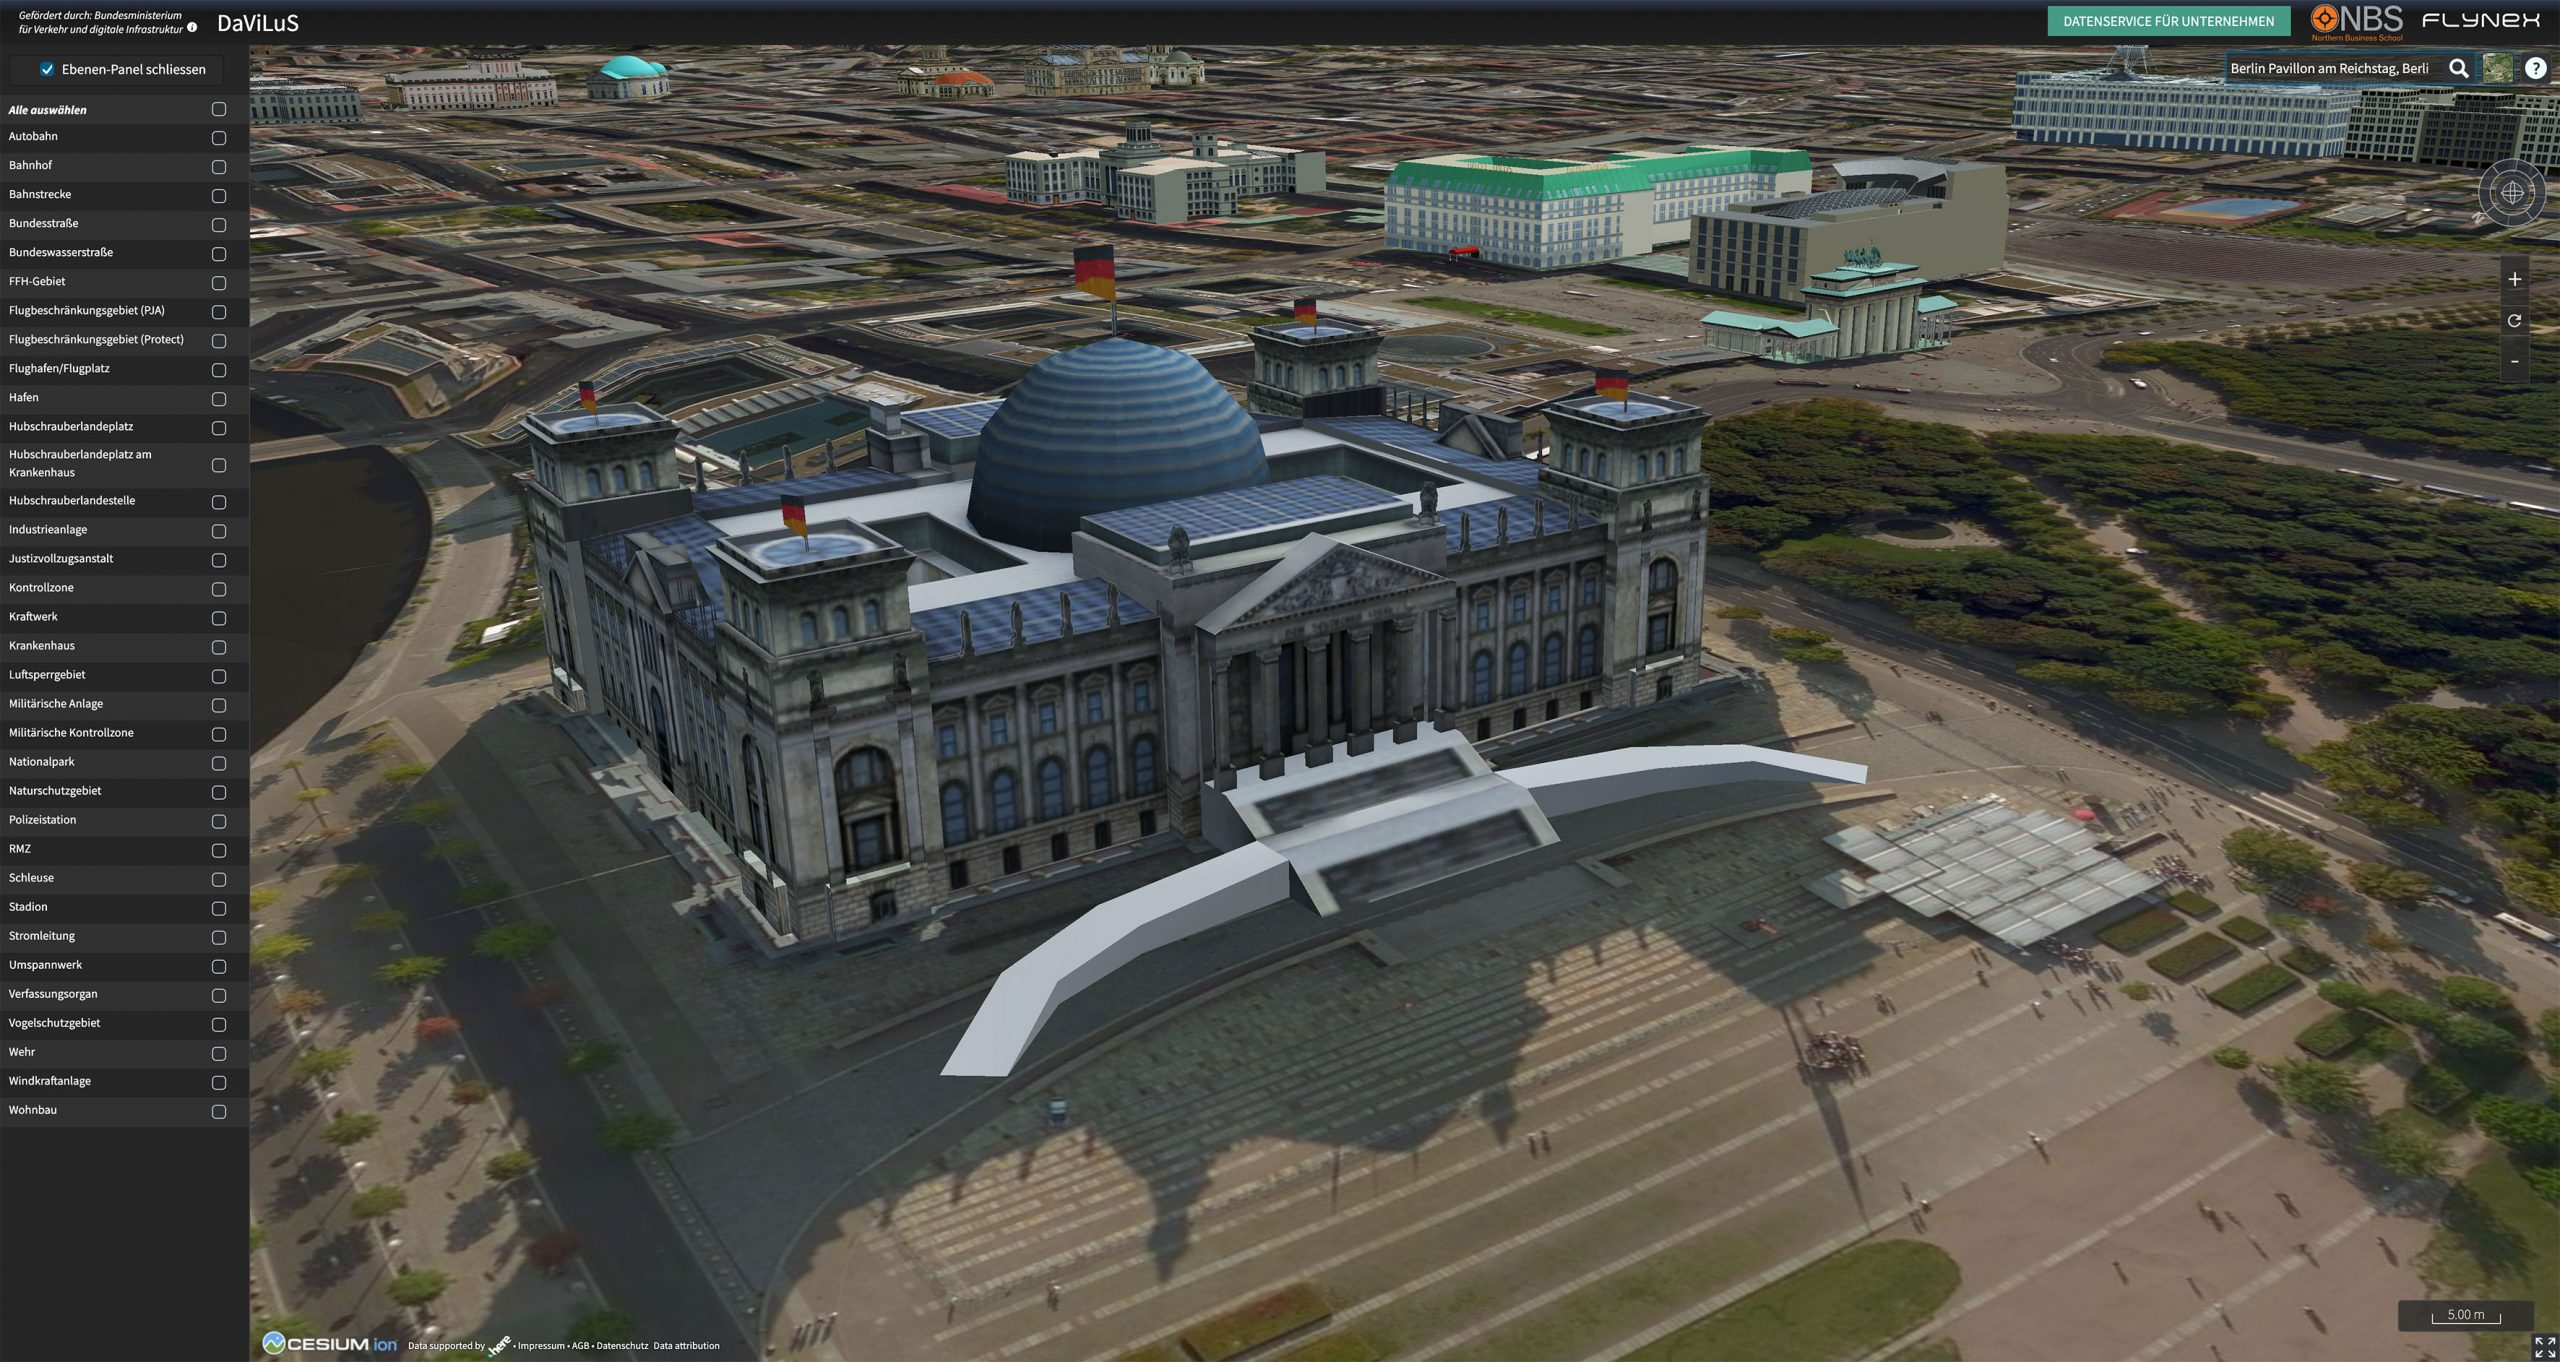 DaViLus Screenshot Reichstag